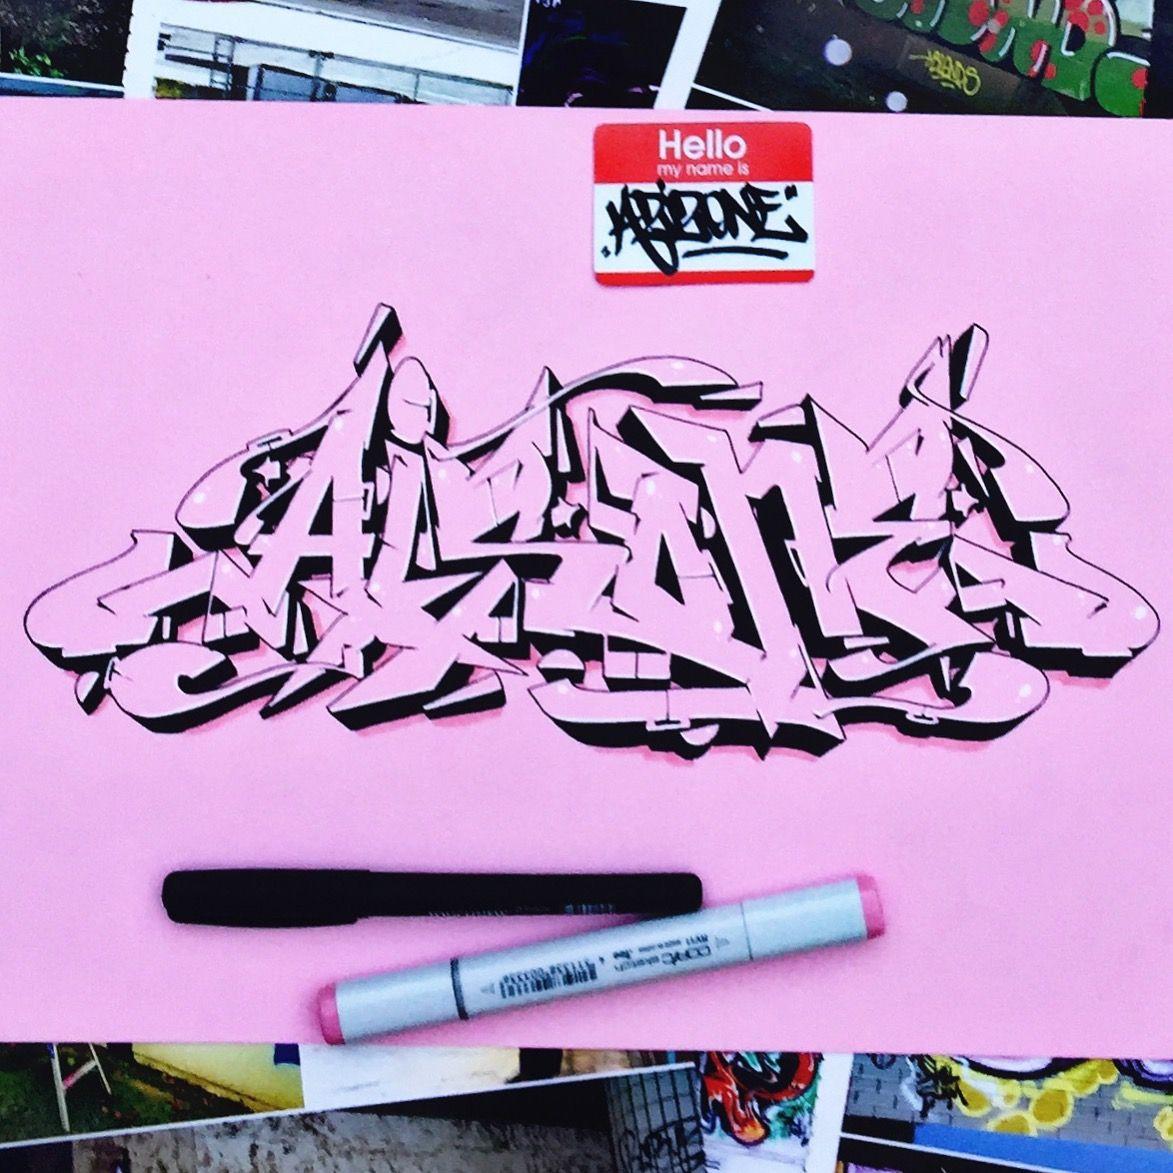 Graffiti lettering graffiti drawing graffiti blackbook graffiti piece love graffiti graffiti designs graffiti tagging graffiti murals